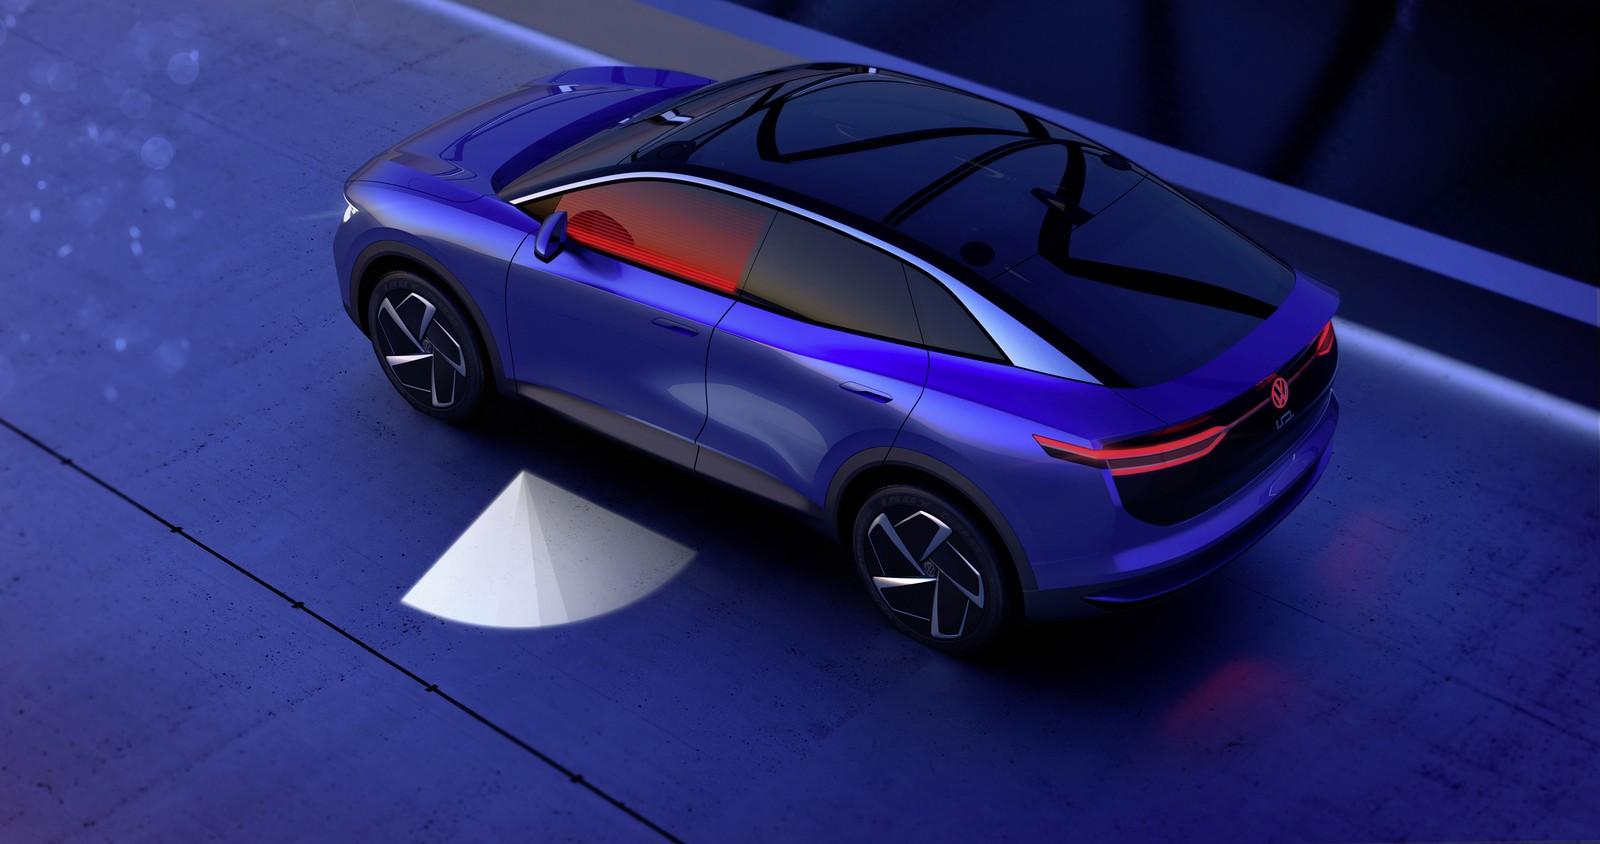 Licht Alarm Auto : Vw präsentiert ideen zur kommunikation über die fahrzeugbeleuchtung